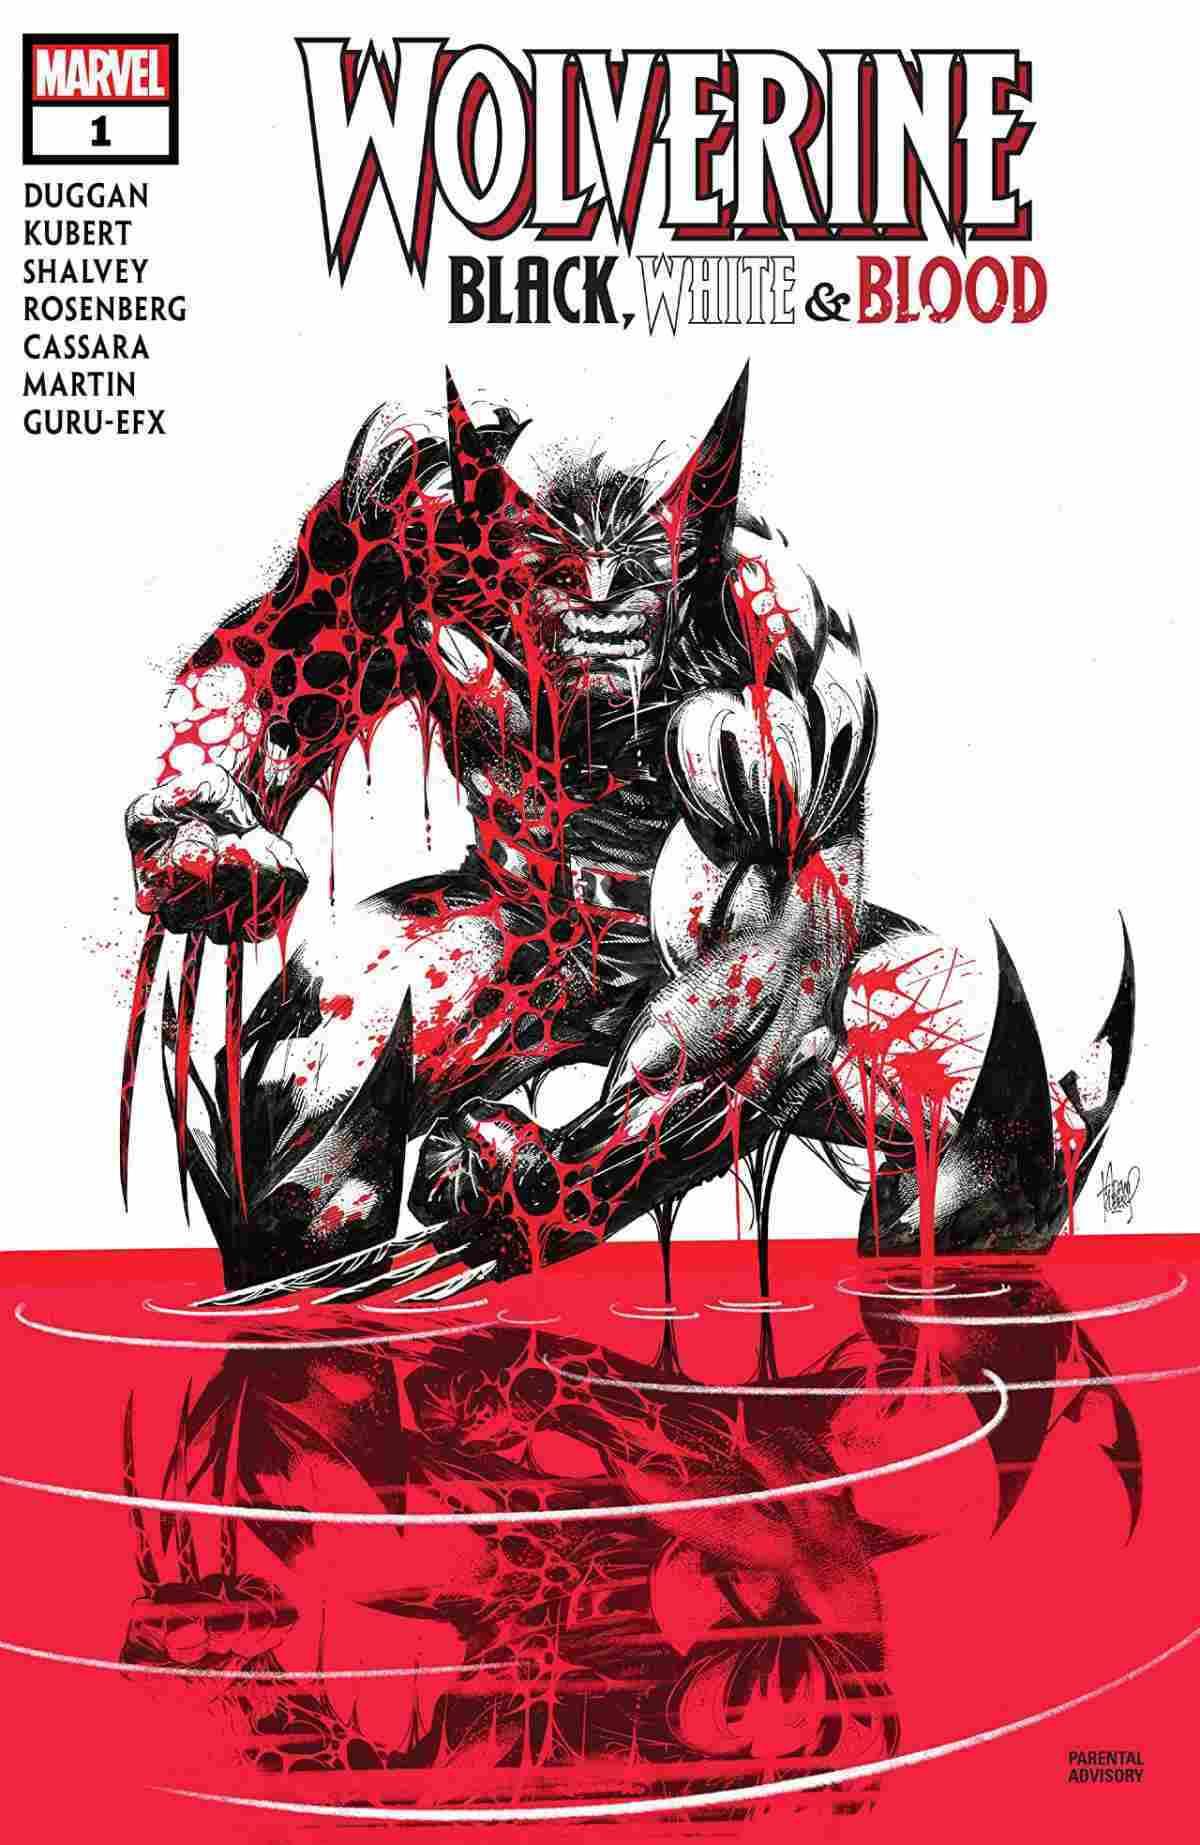 Wolverine Black, White, & Blood #1